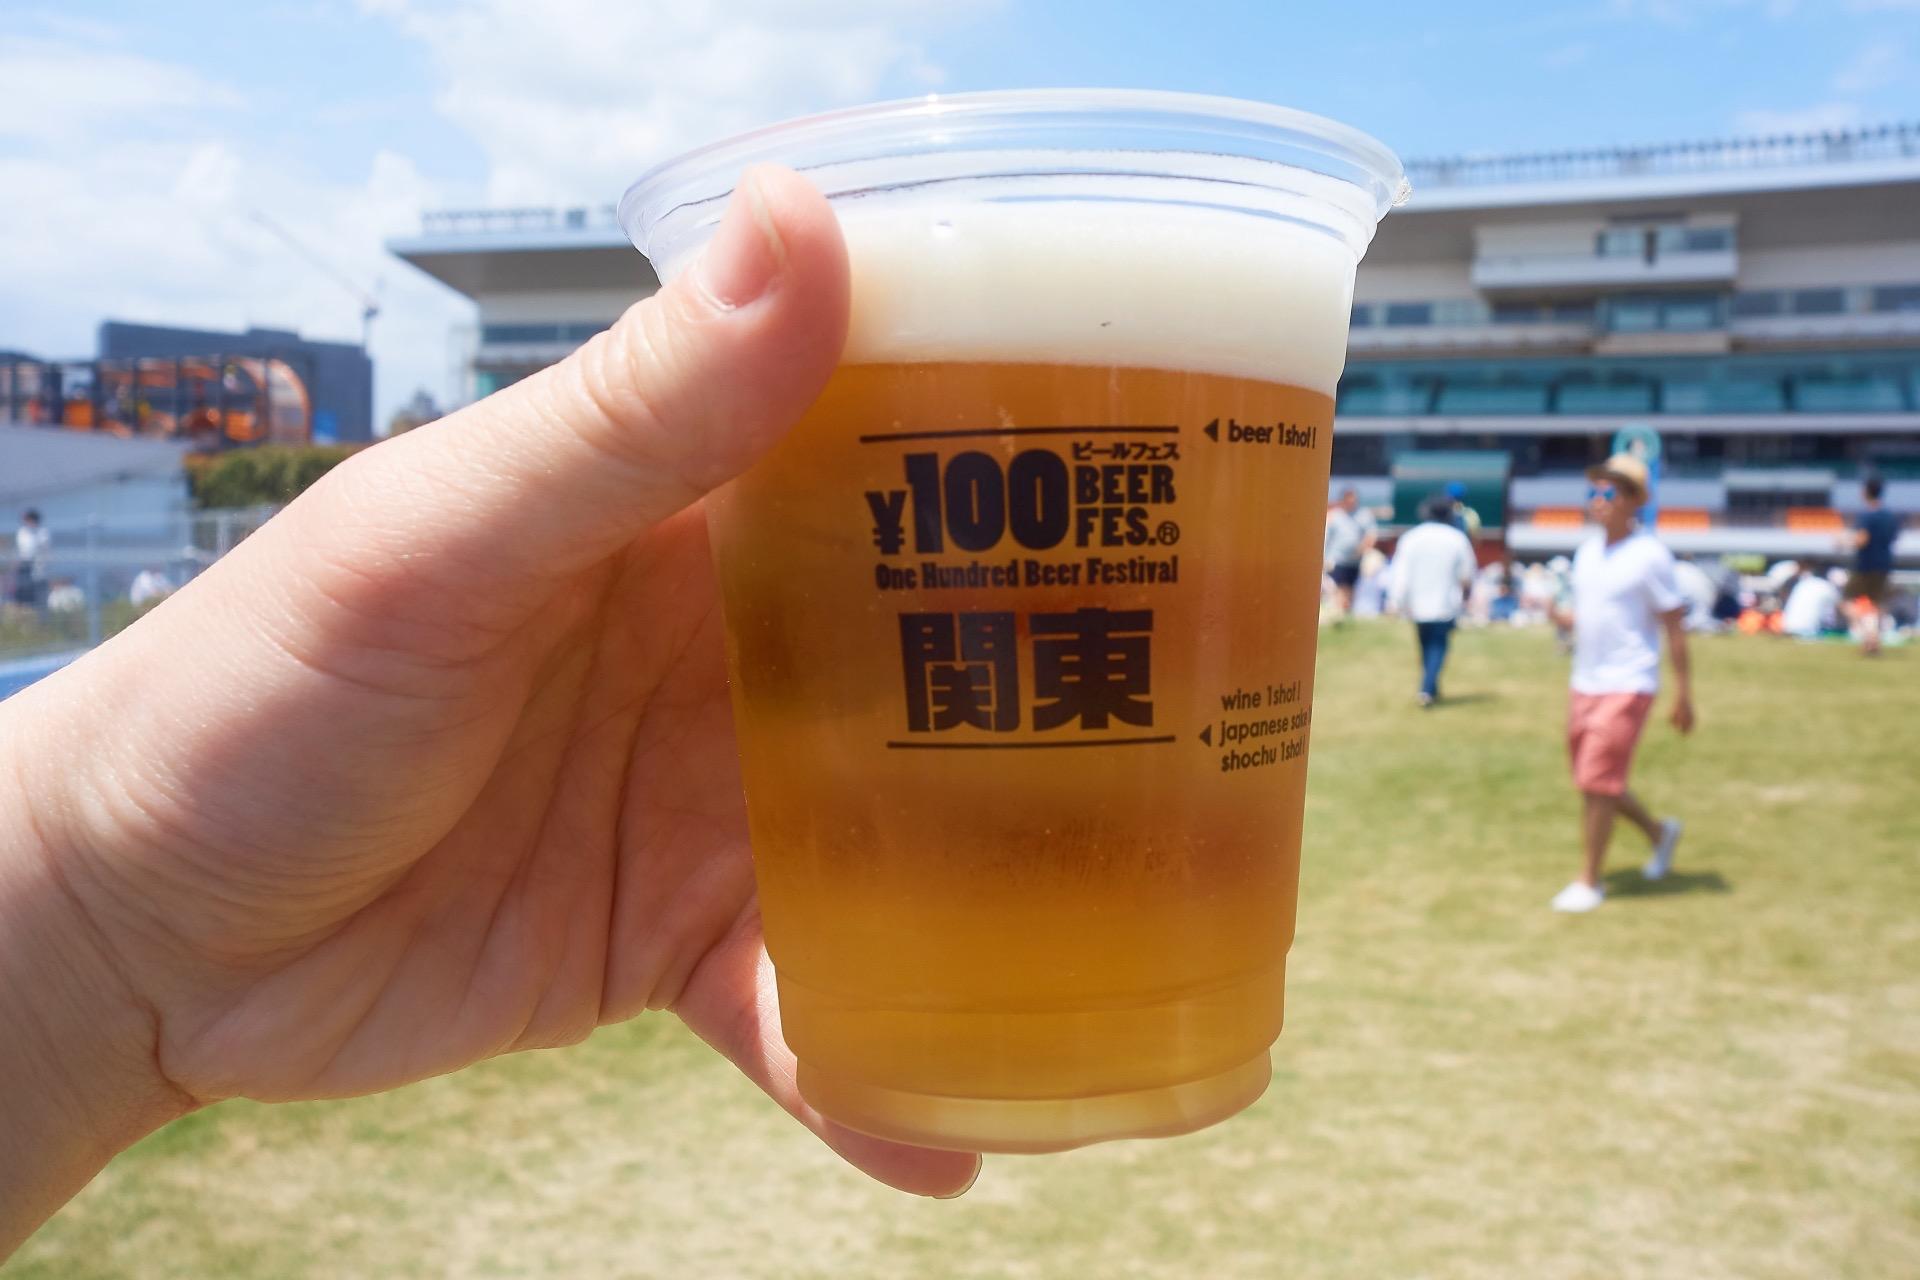 ¥100ビールフェスin川崎